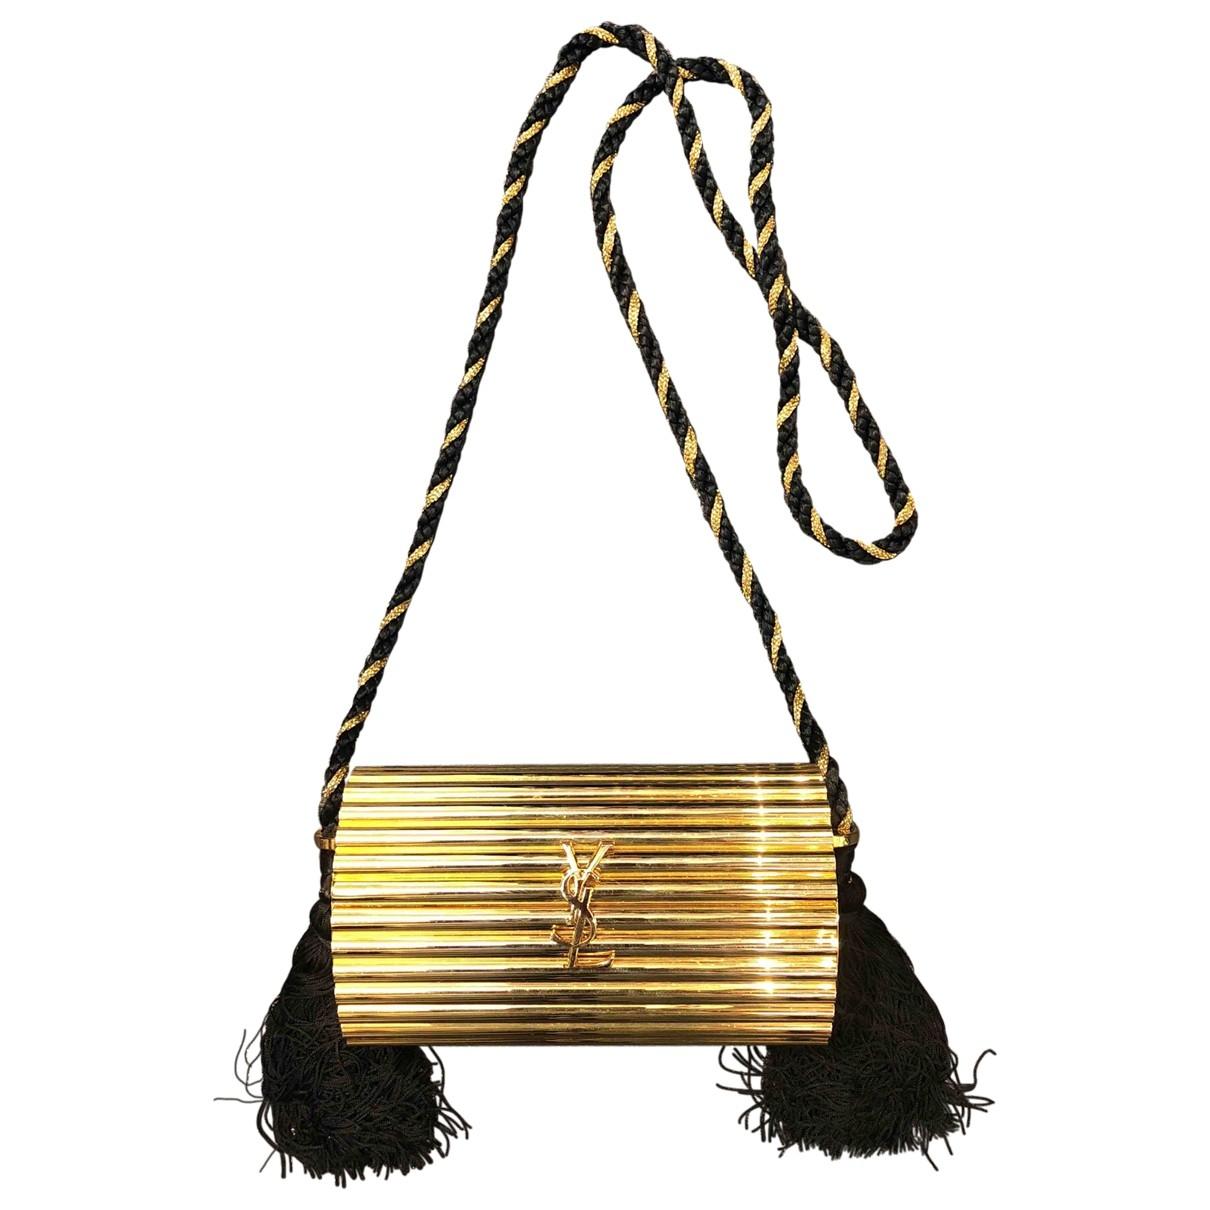 Yves Saint Laurent \N Handtasche in  Gold Metall